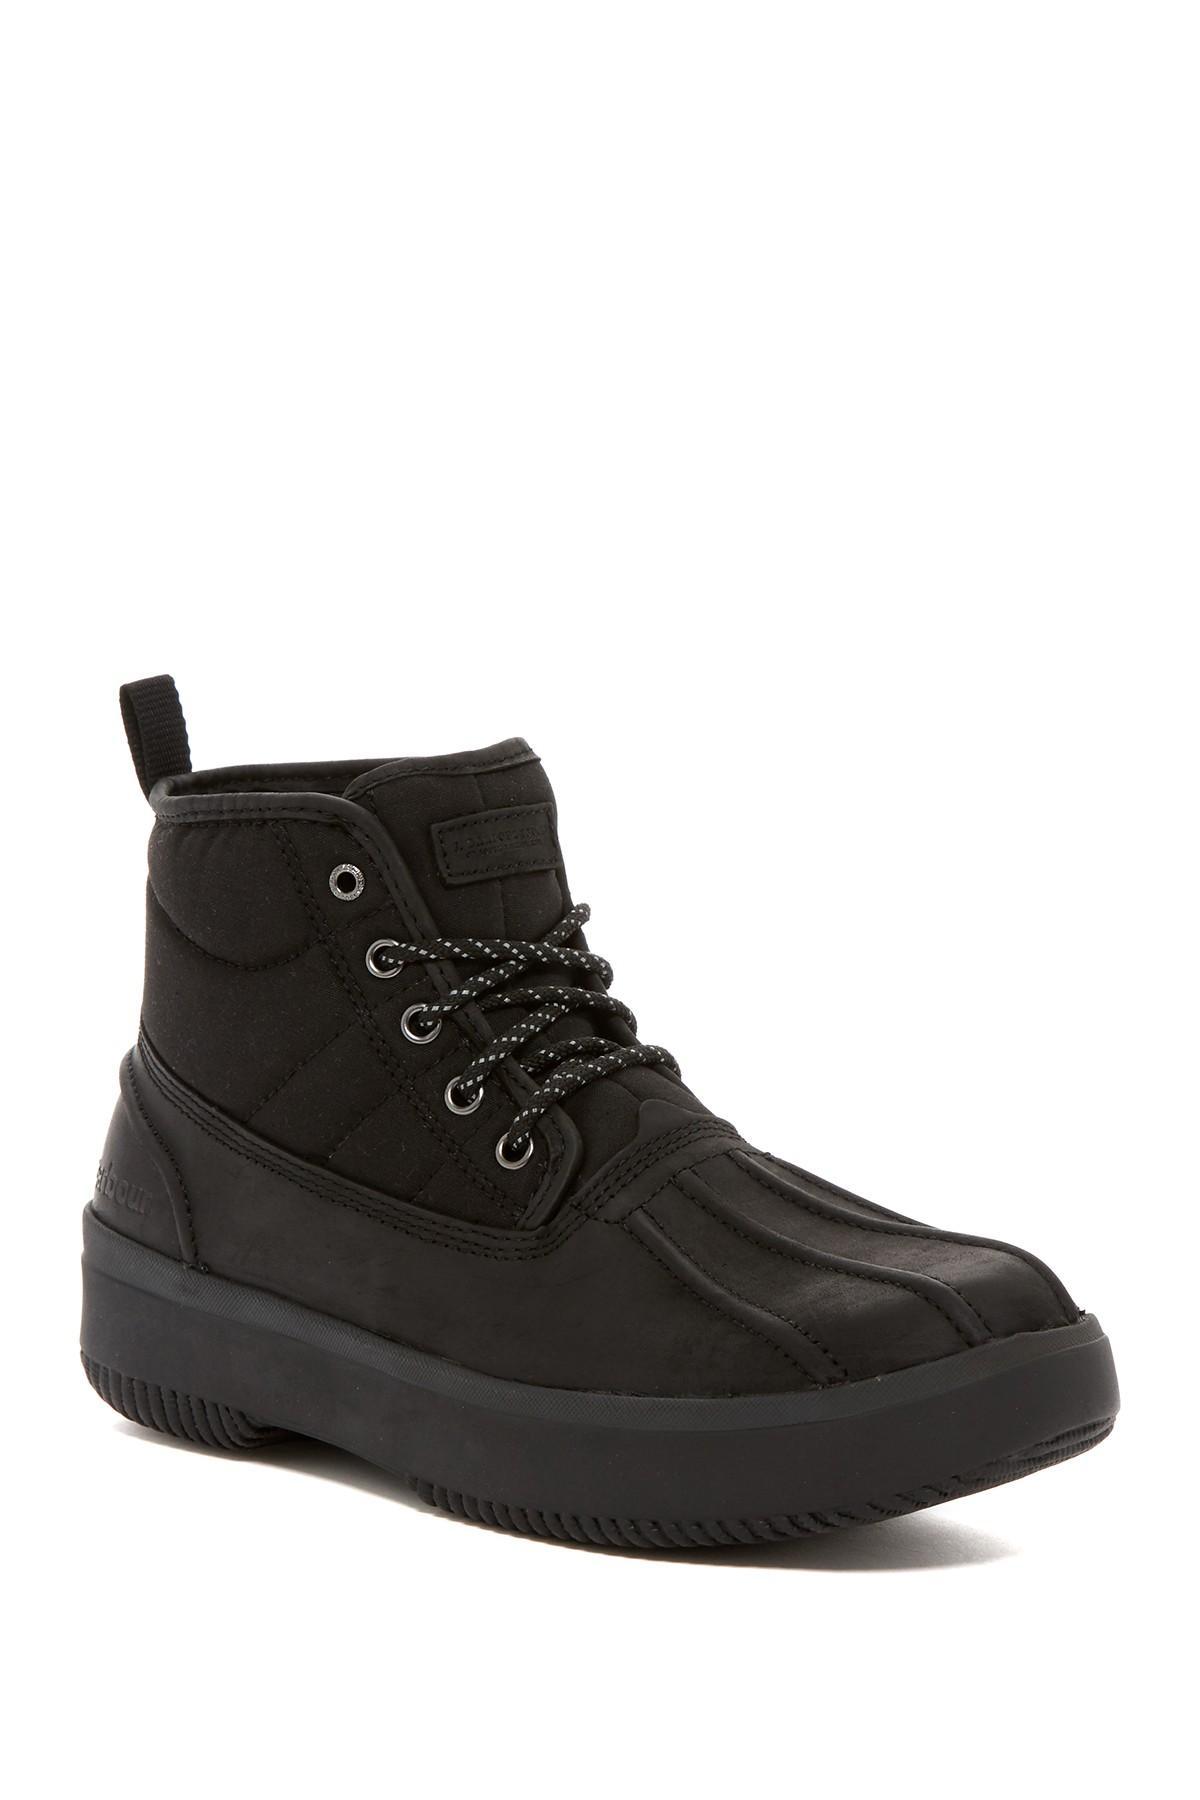 Barbour Mr Duck Waterproof Boot In Black For Men Lyst